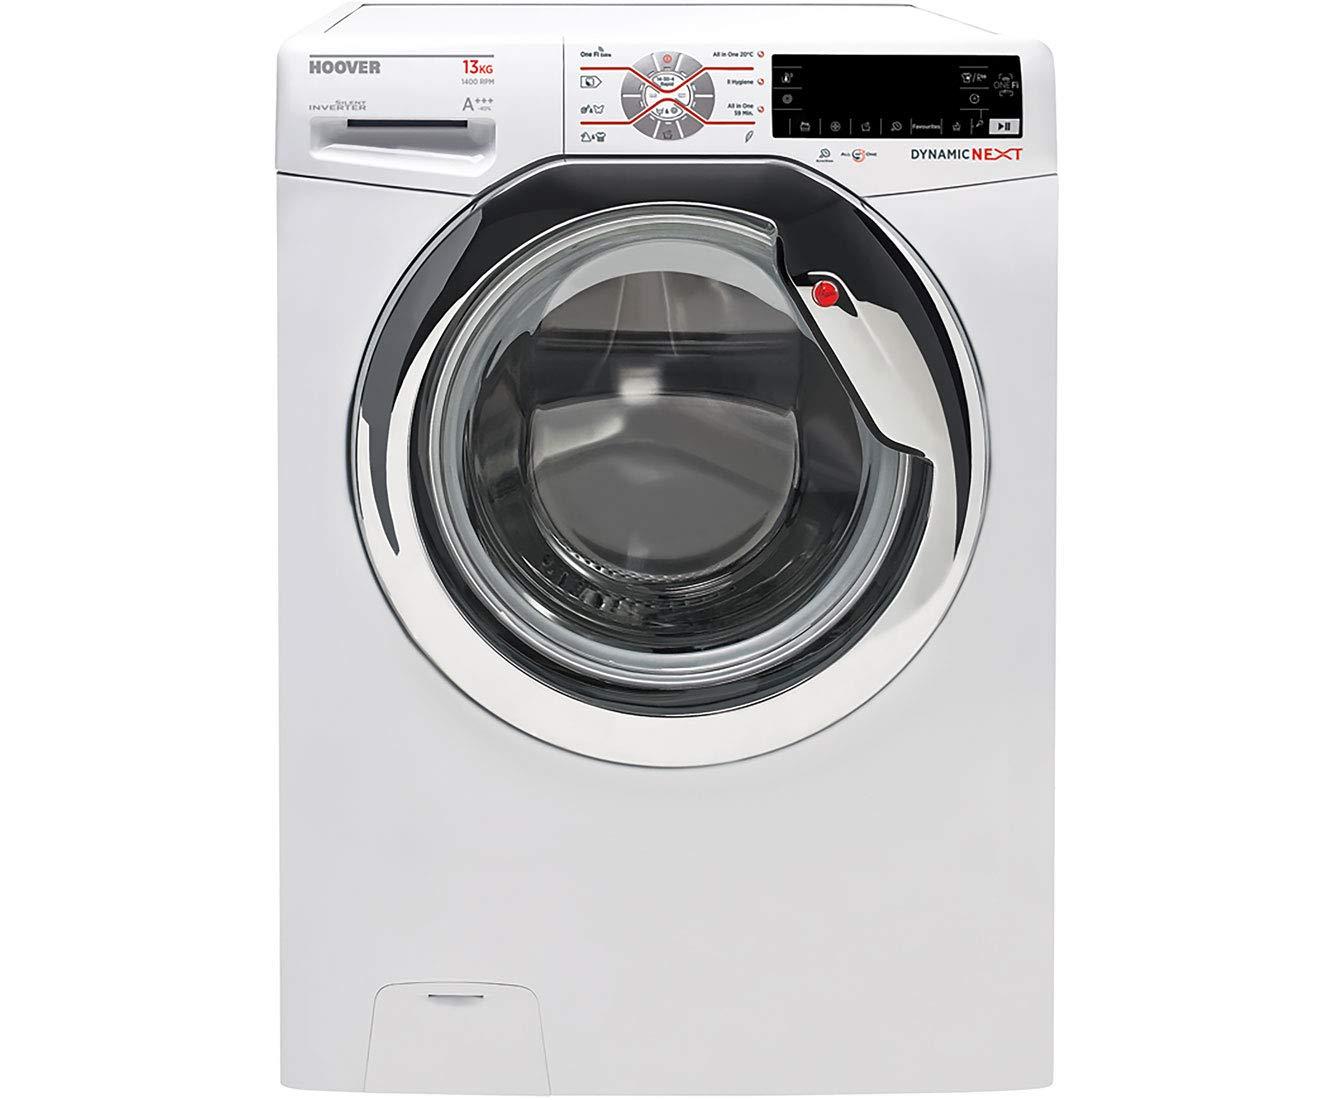 Hoover-dwot-413-ahc31-s-autonome-Belastung-Bevor-13-kg-1400trmin-A-Edelstahl-Waschmaschine–Waschmaschinen-autonome-bevor-Belastung-Edelstahl-links-LCD-80-l